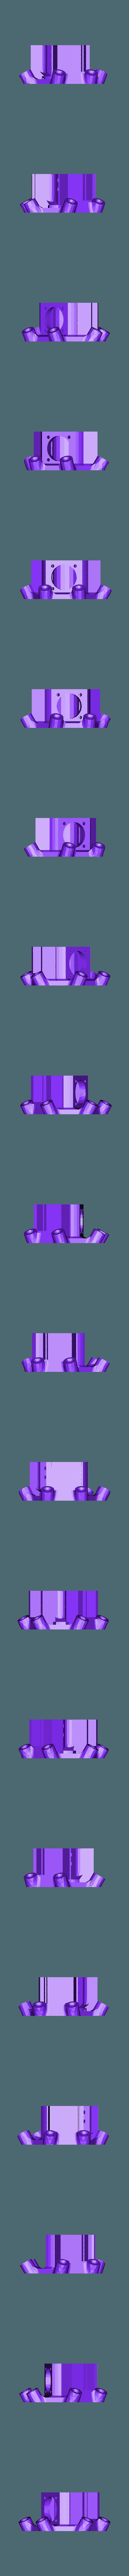 effector_cla.stl Télécharger fichier STL gratuit Effecteur delta avec joints magnétiques et ventilateurs • Modèle imprimable en 3D, volpiclaudio